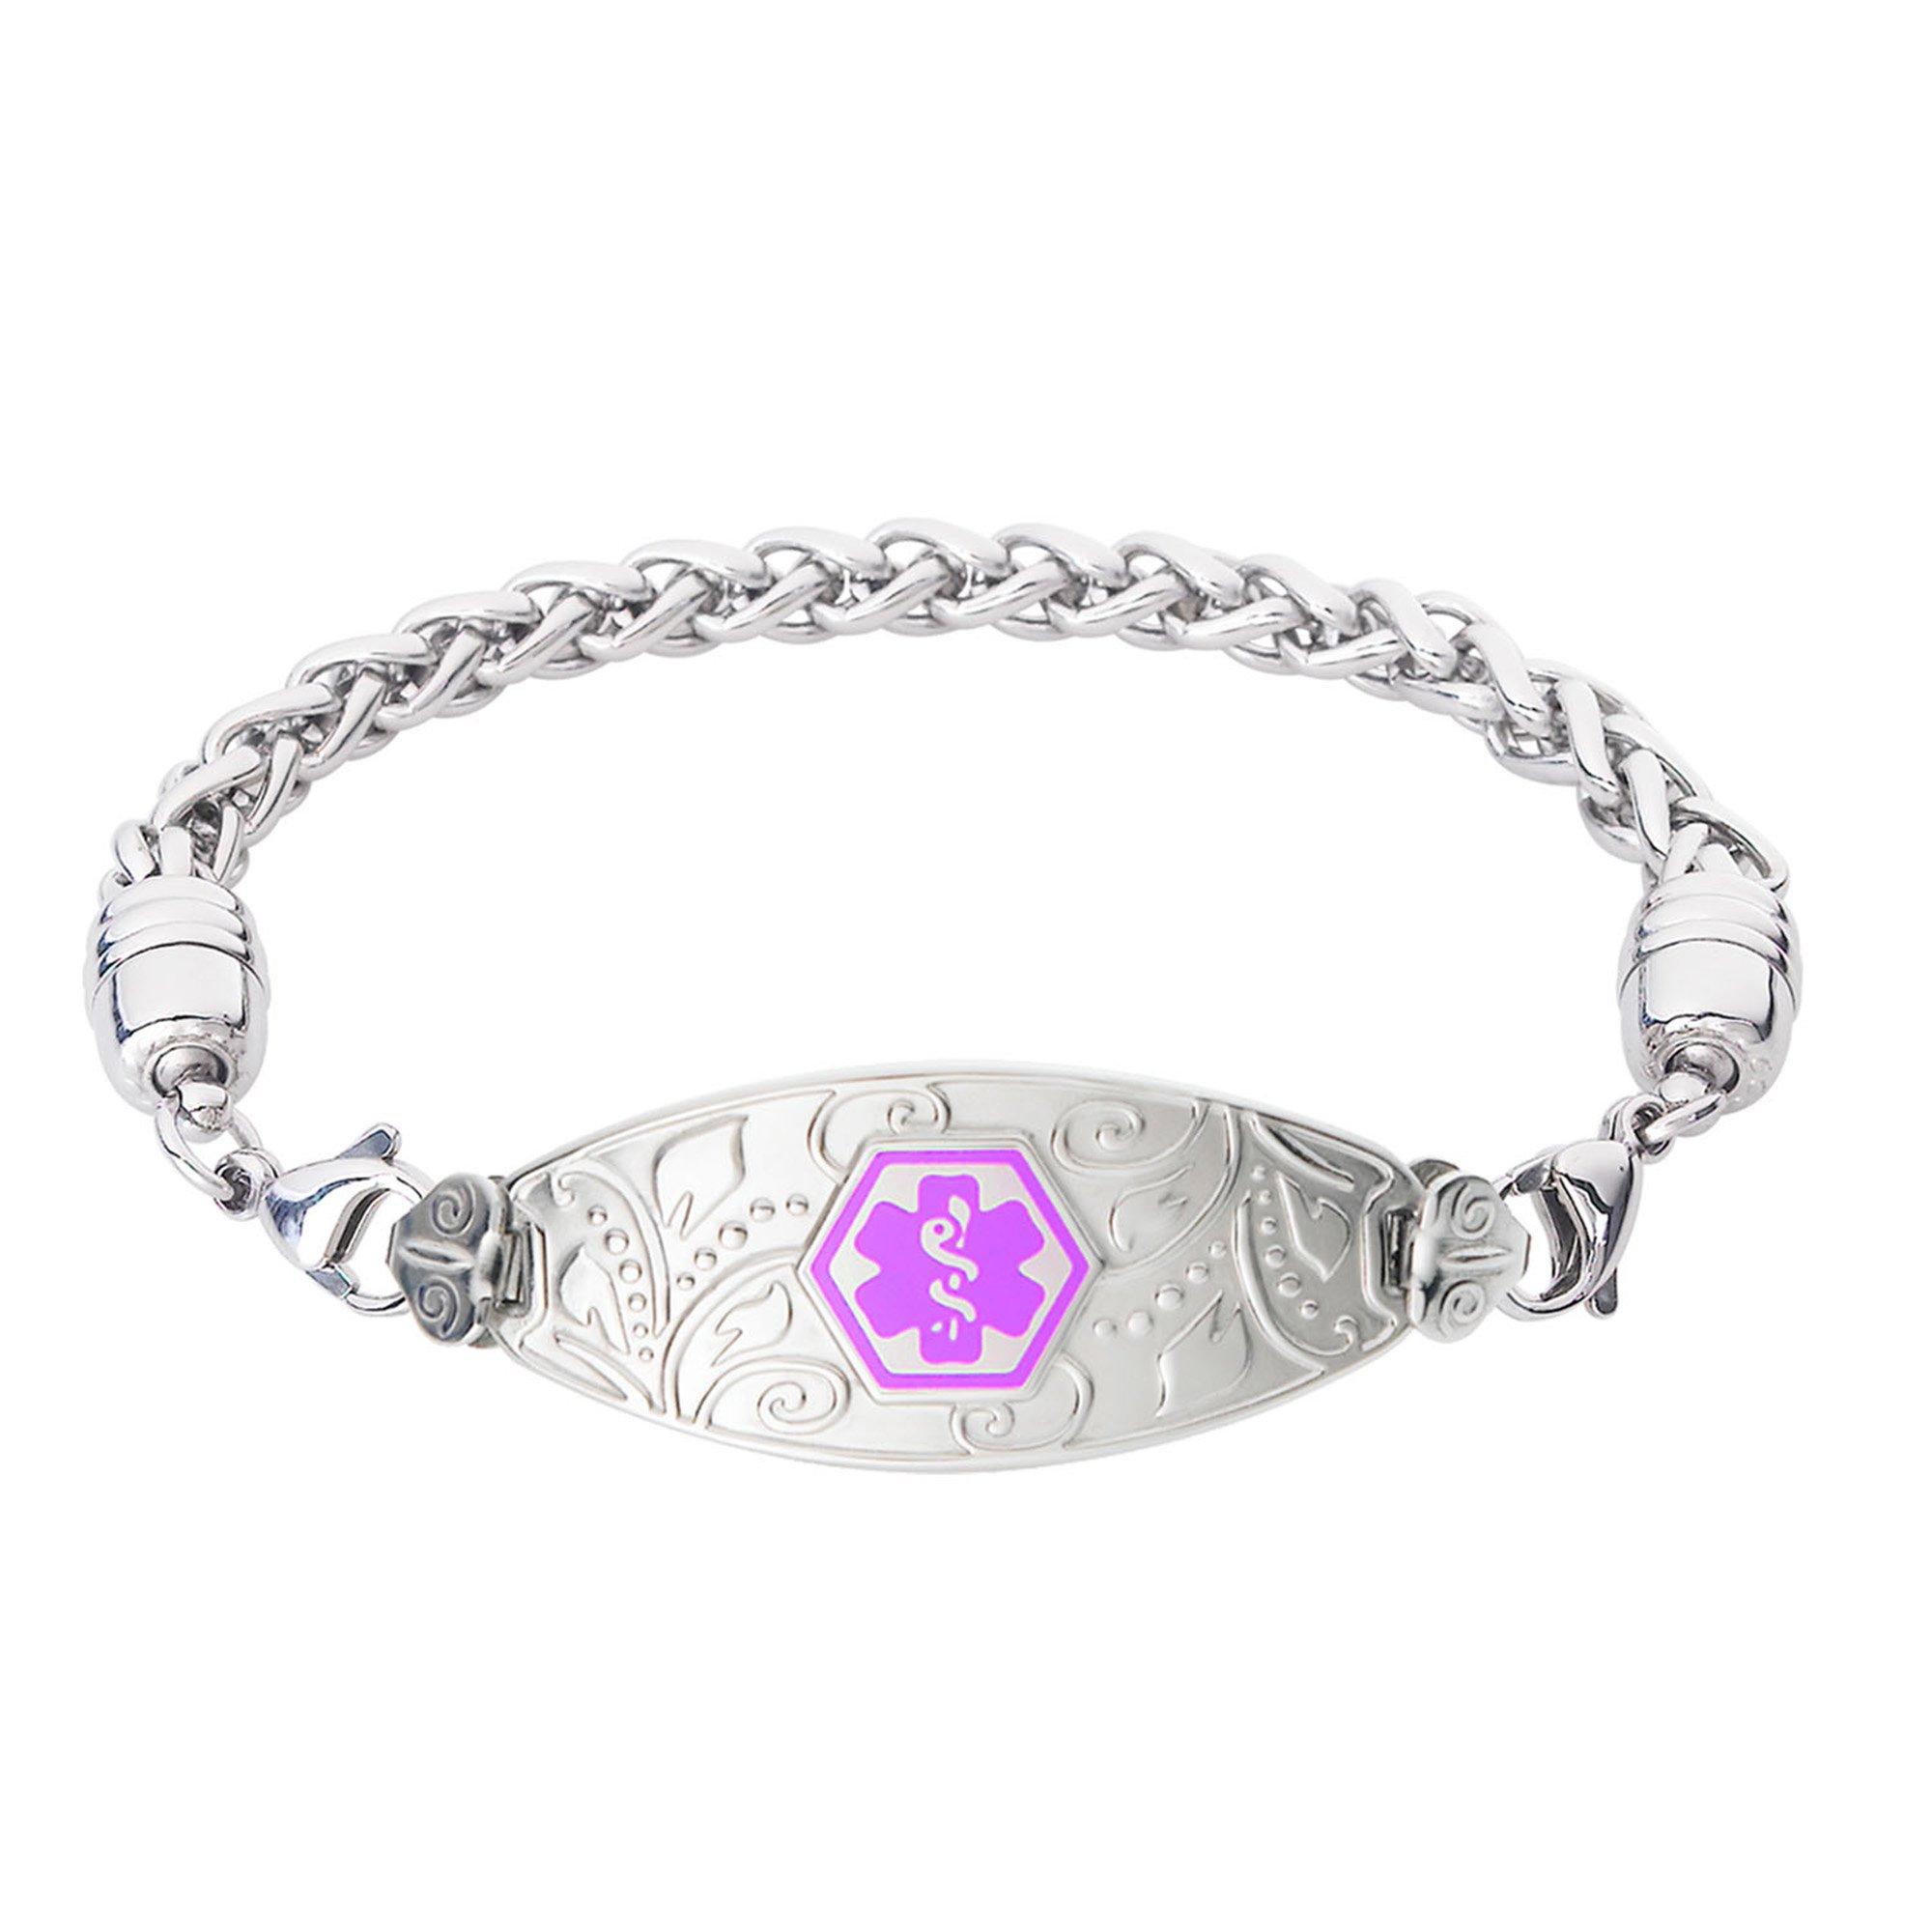 Divoti Custom Engraved Medical Alert Bracelets for Women, Stainless Steel Medical Bracelet, Medical ID Bracelet w/Free Engraving - Lovely Filigree Tag w/Wheat-Purple-6.5''